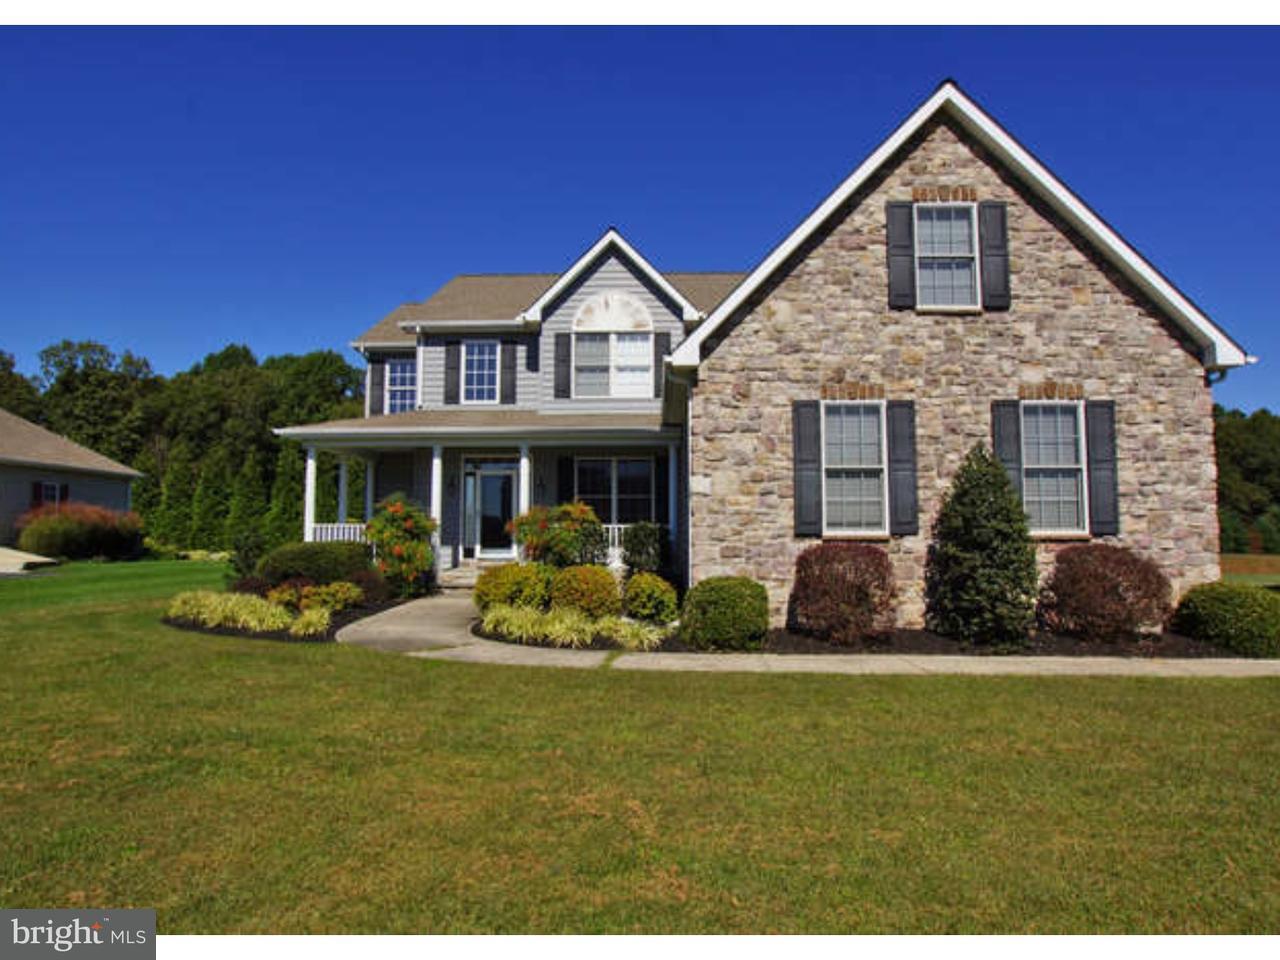 Casa Unifamiliar por un Alquiler en 323 MERGANSER Drive Magnolia, Delaware 19962 Estados Unidos